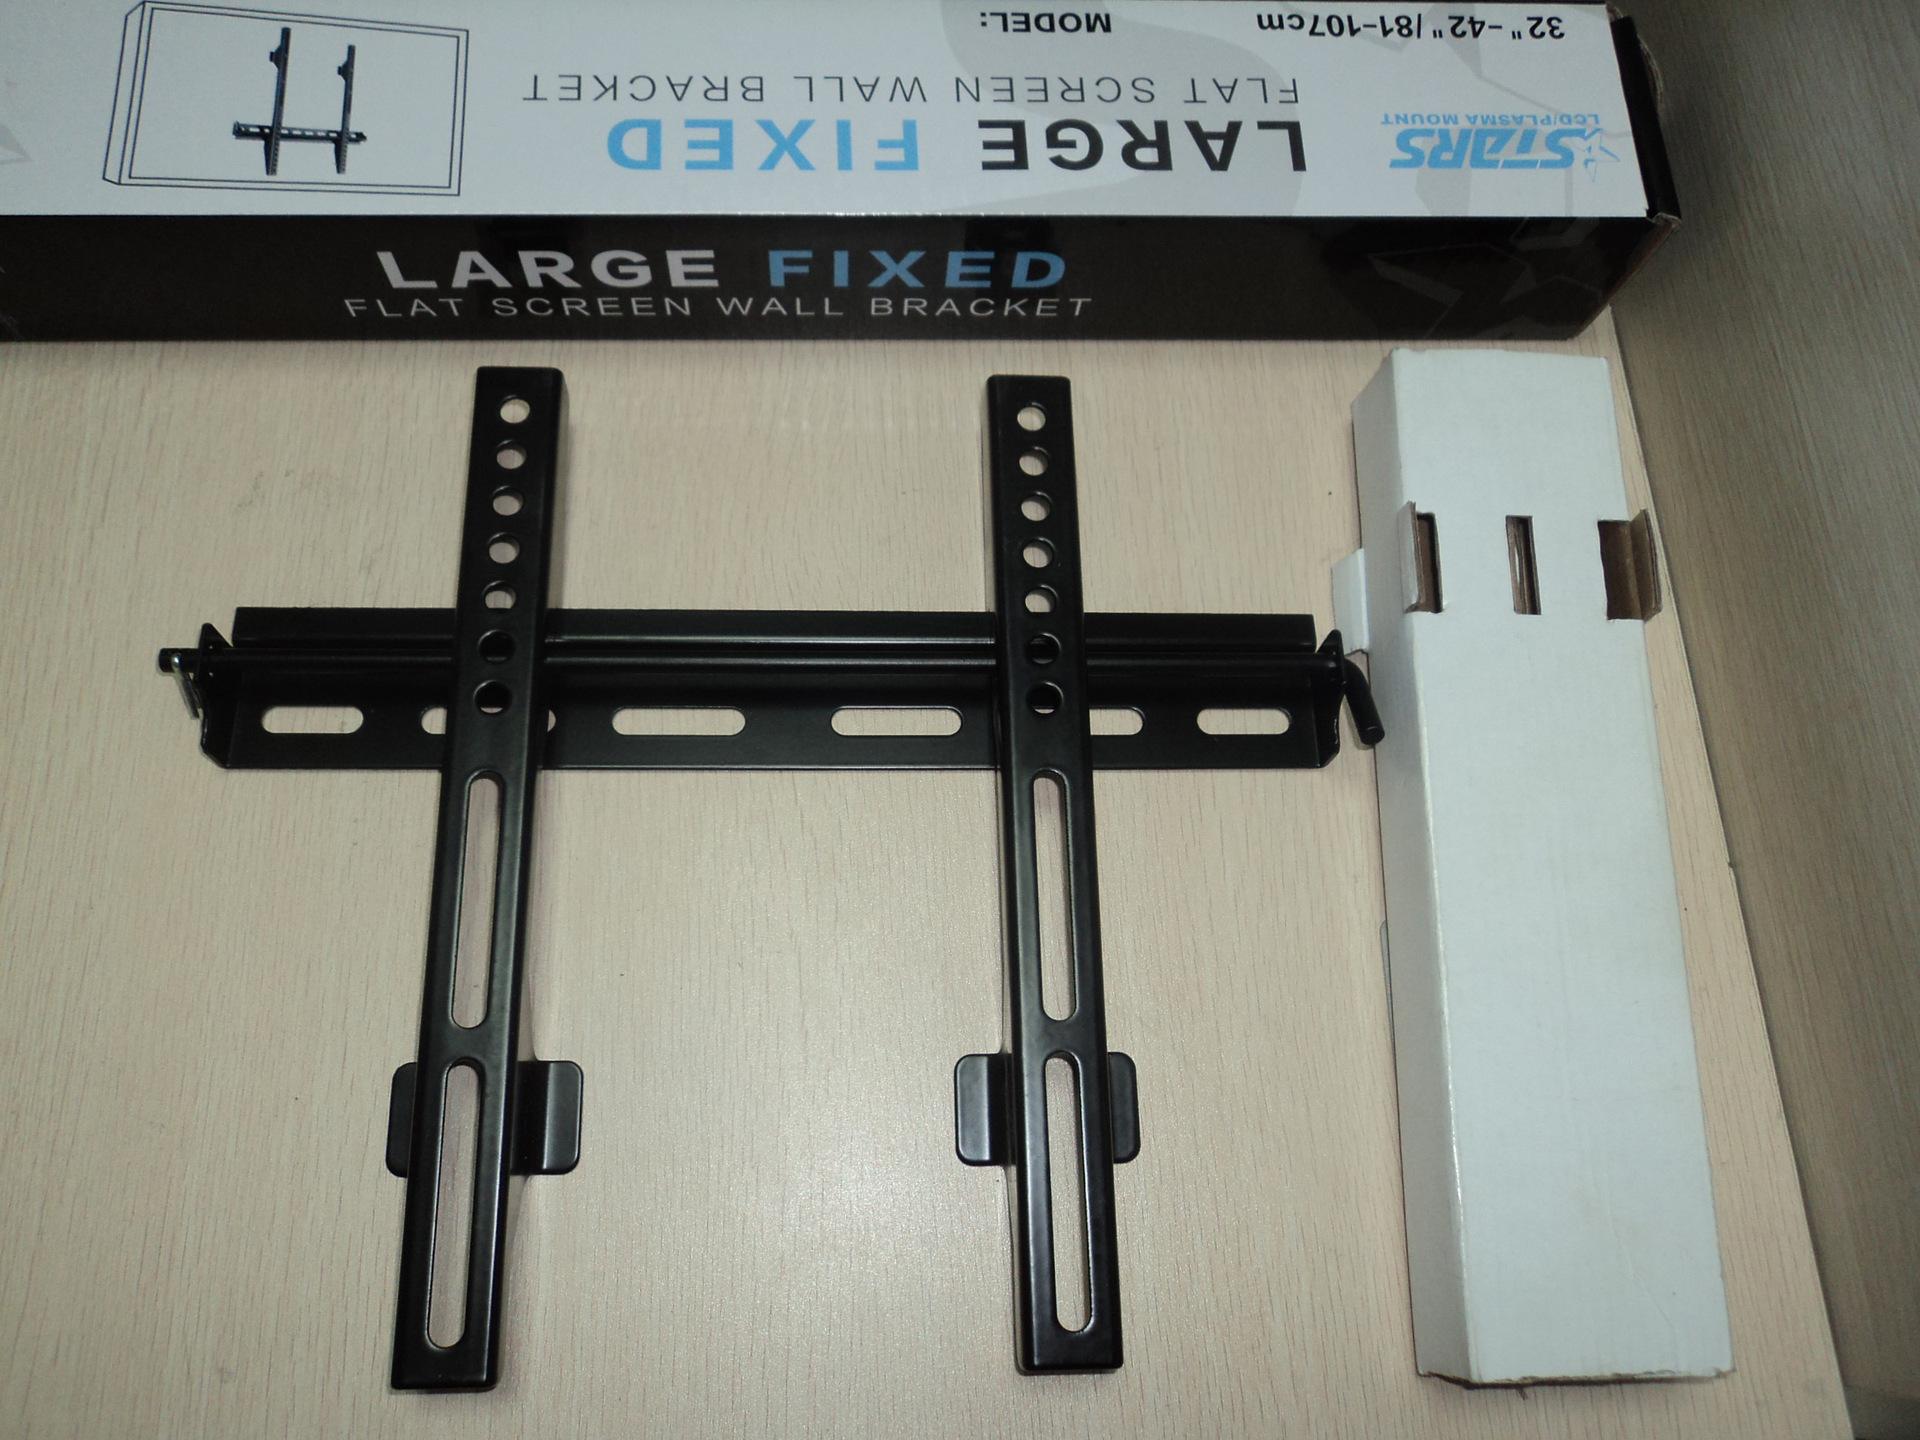 【厂商直接供 应安全可靠 防盗电视机支架 超薄